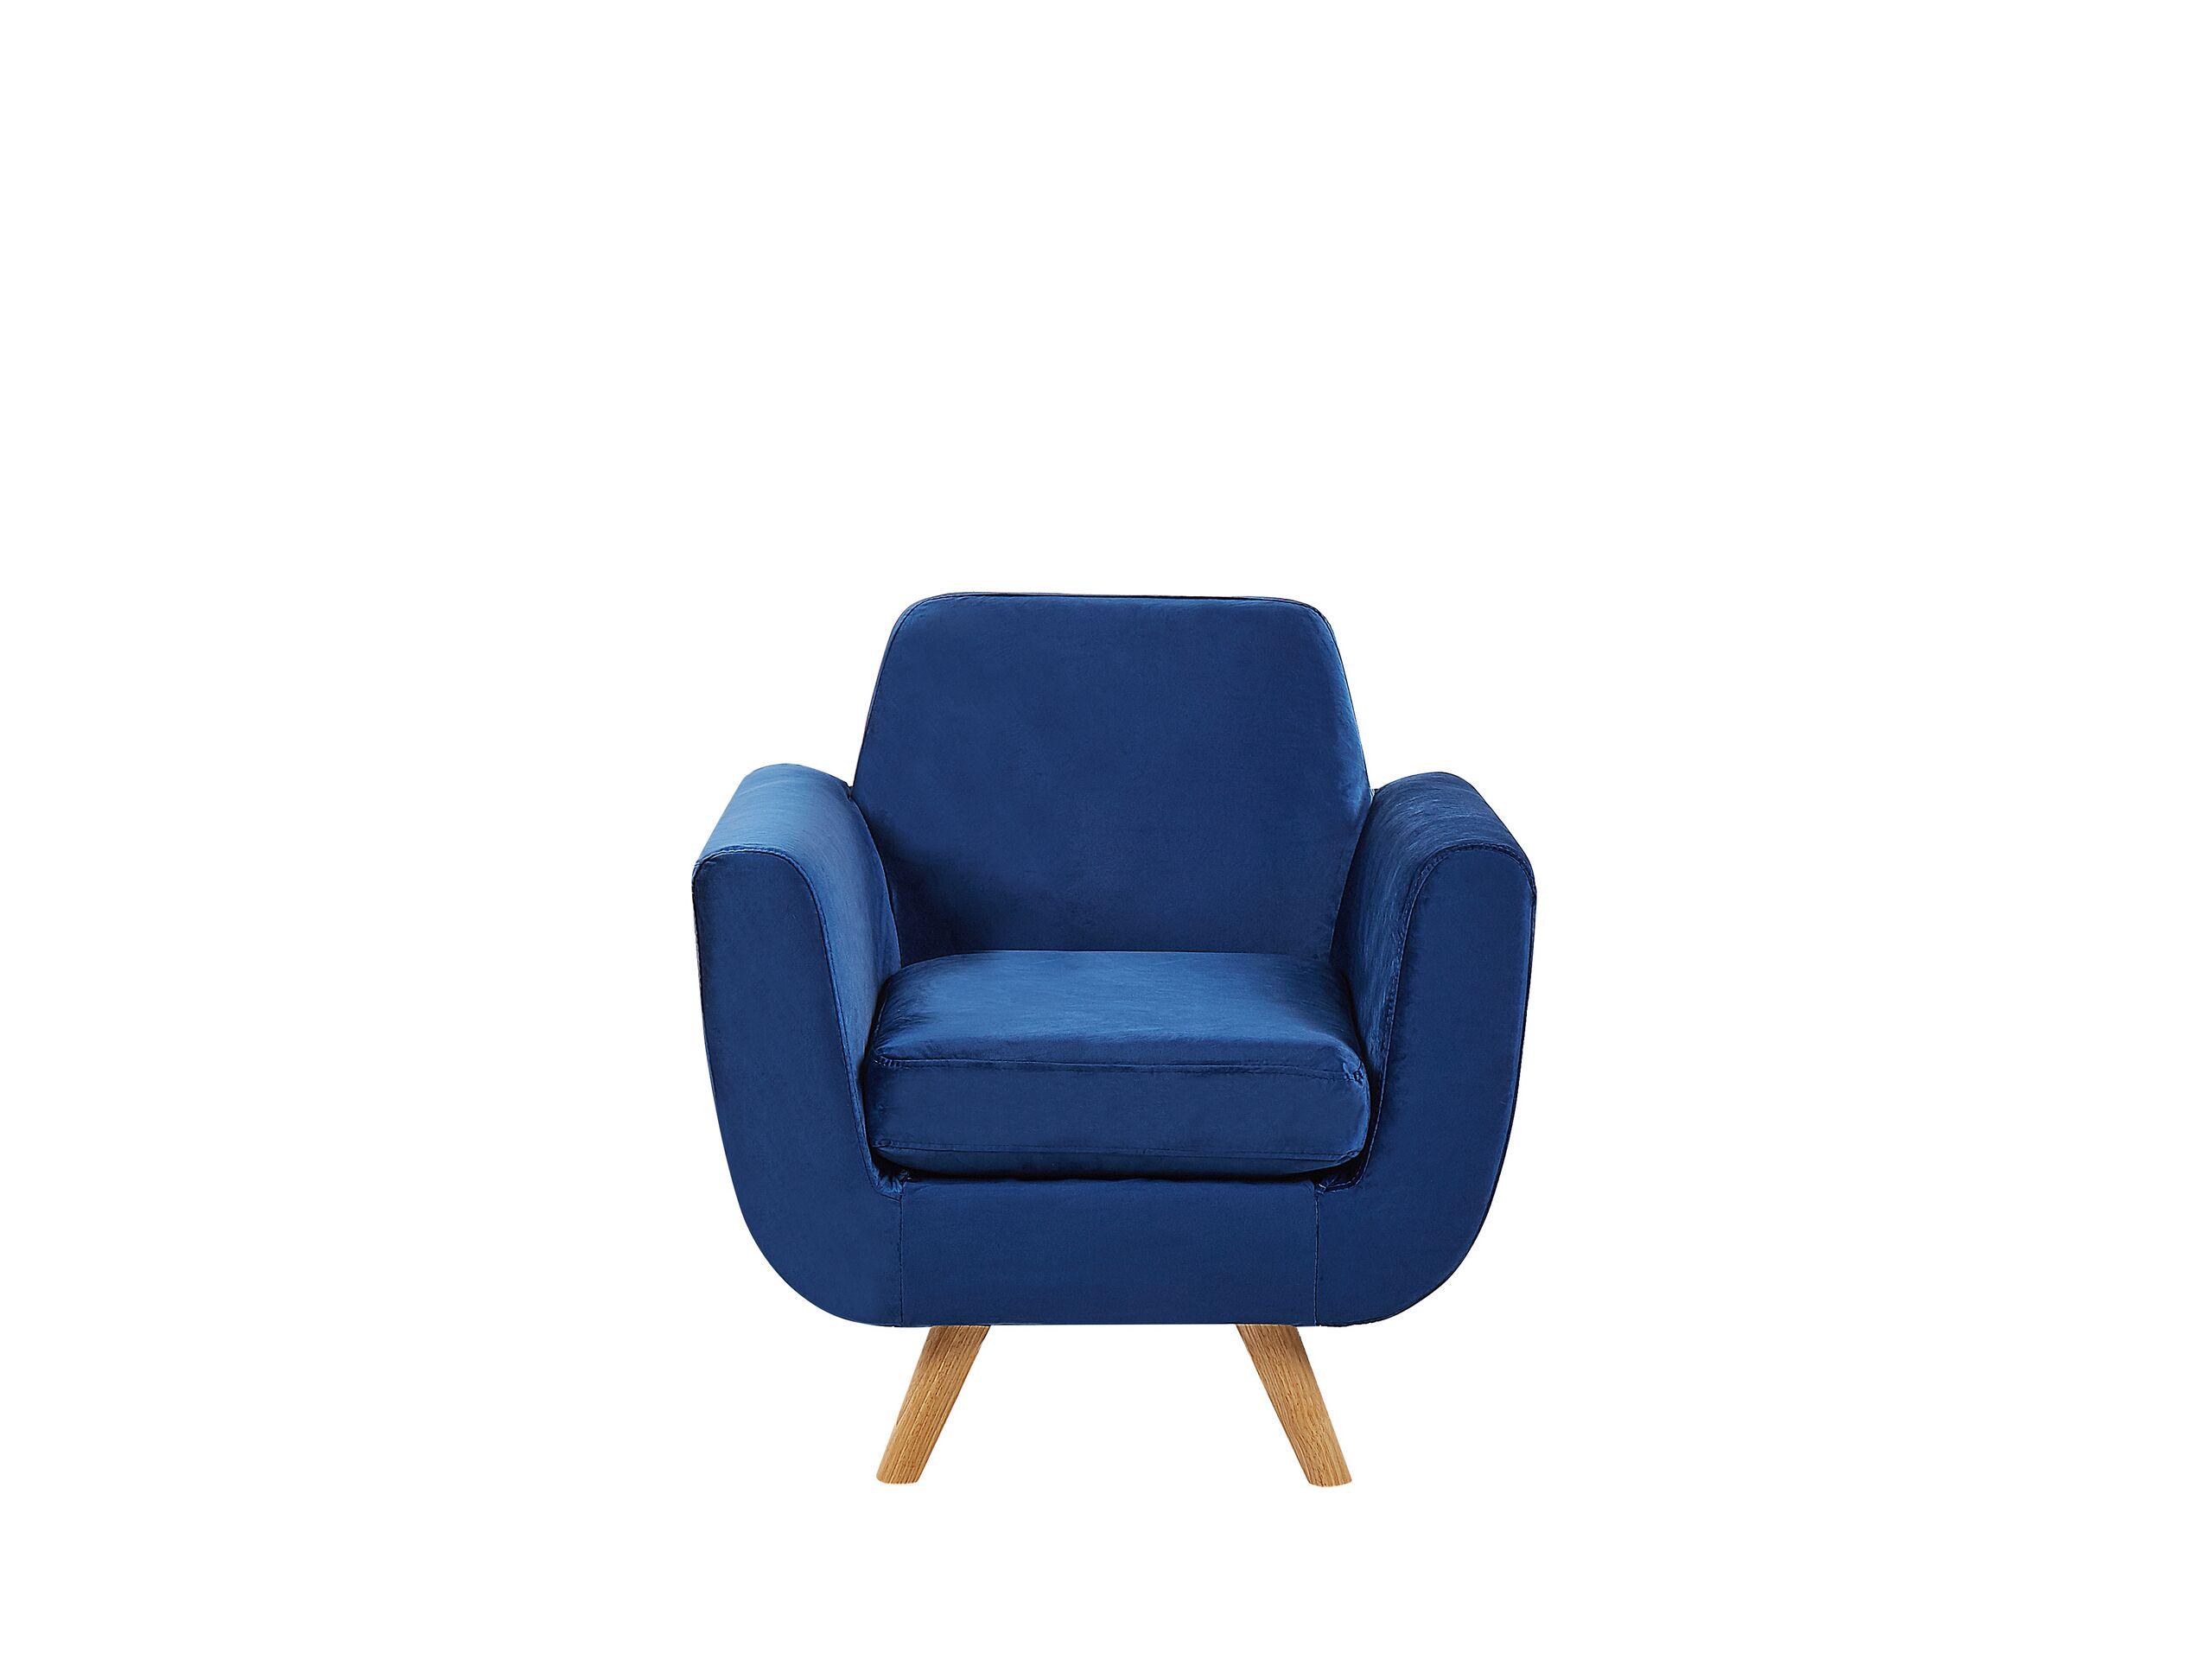 Housse en velours bleu marine pour fauteuil